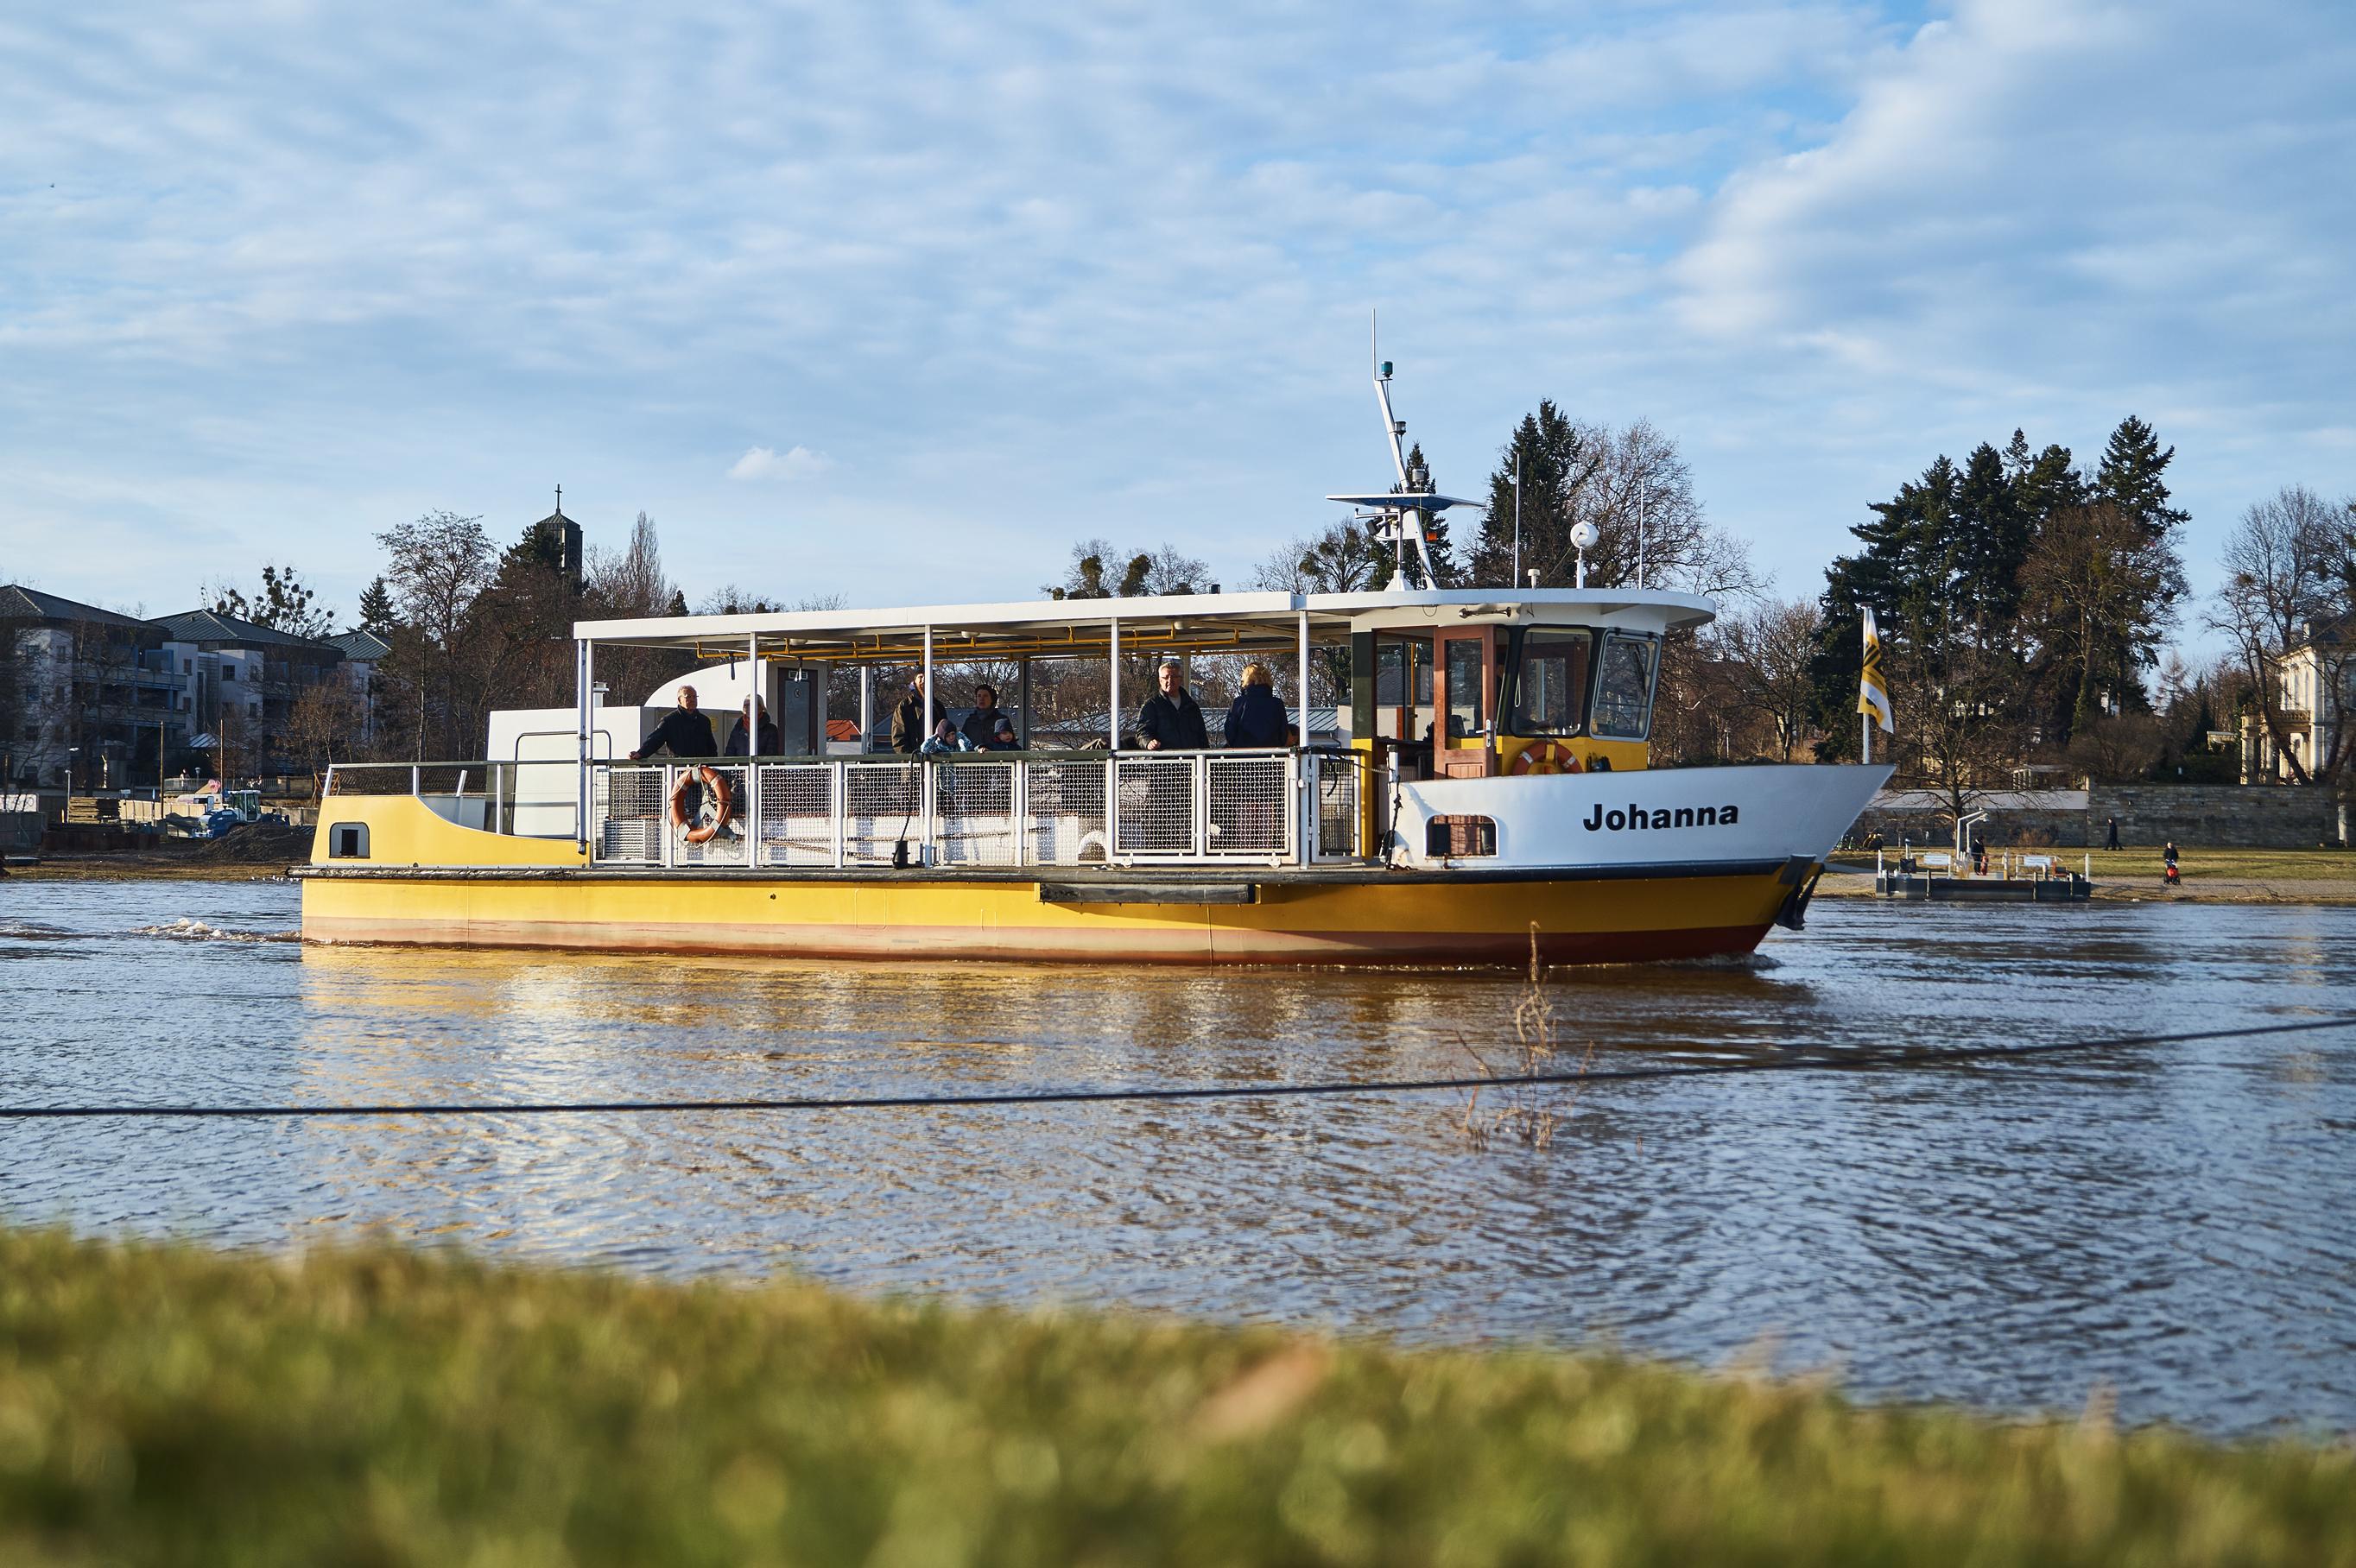 Auch eine Möglichkeit den Fluss zu überqueren: Die Elbfähre zwischen der Johannstadt und der Neustadt